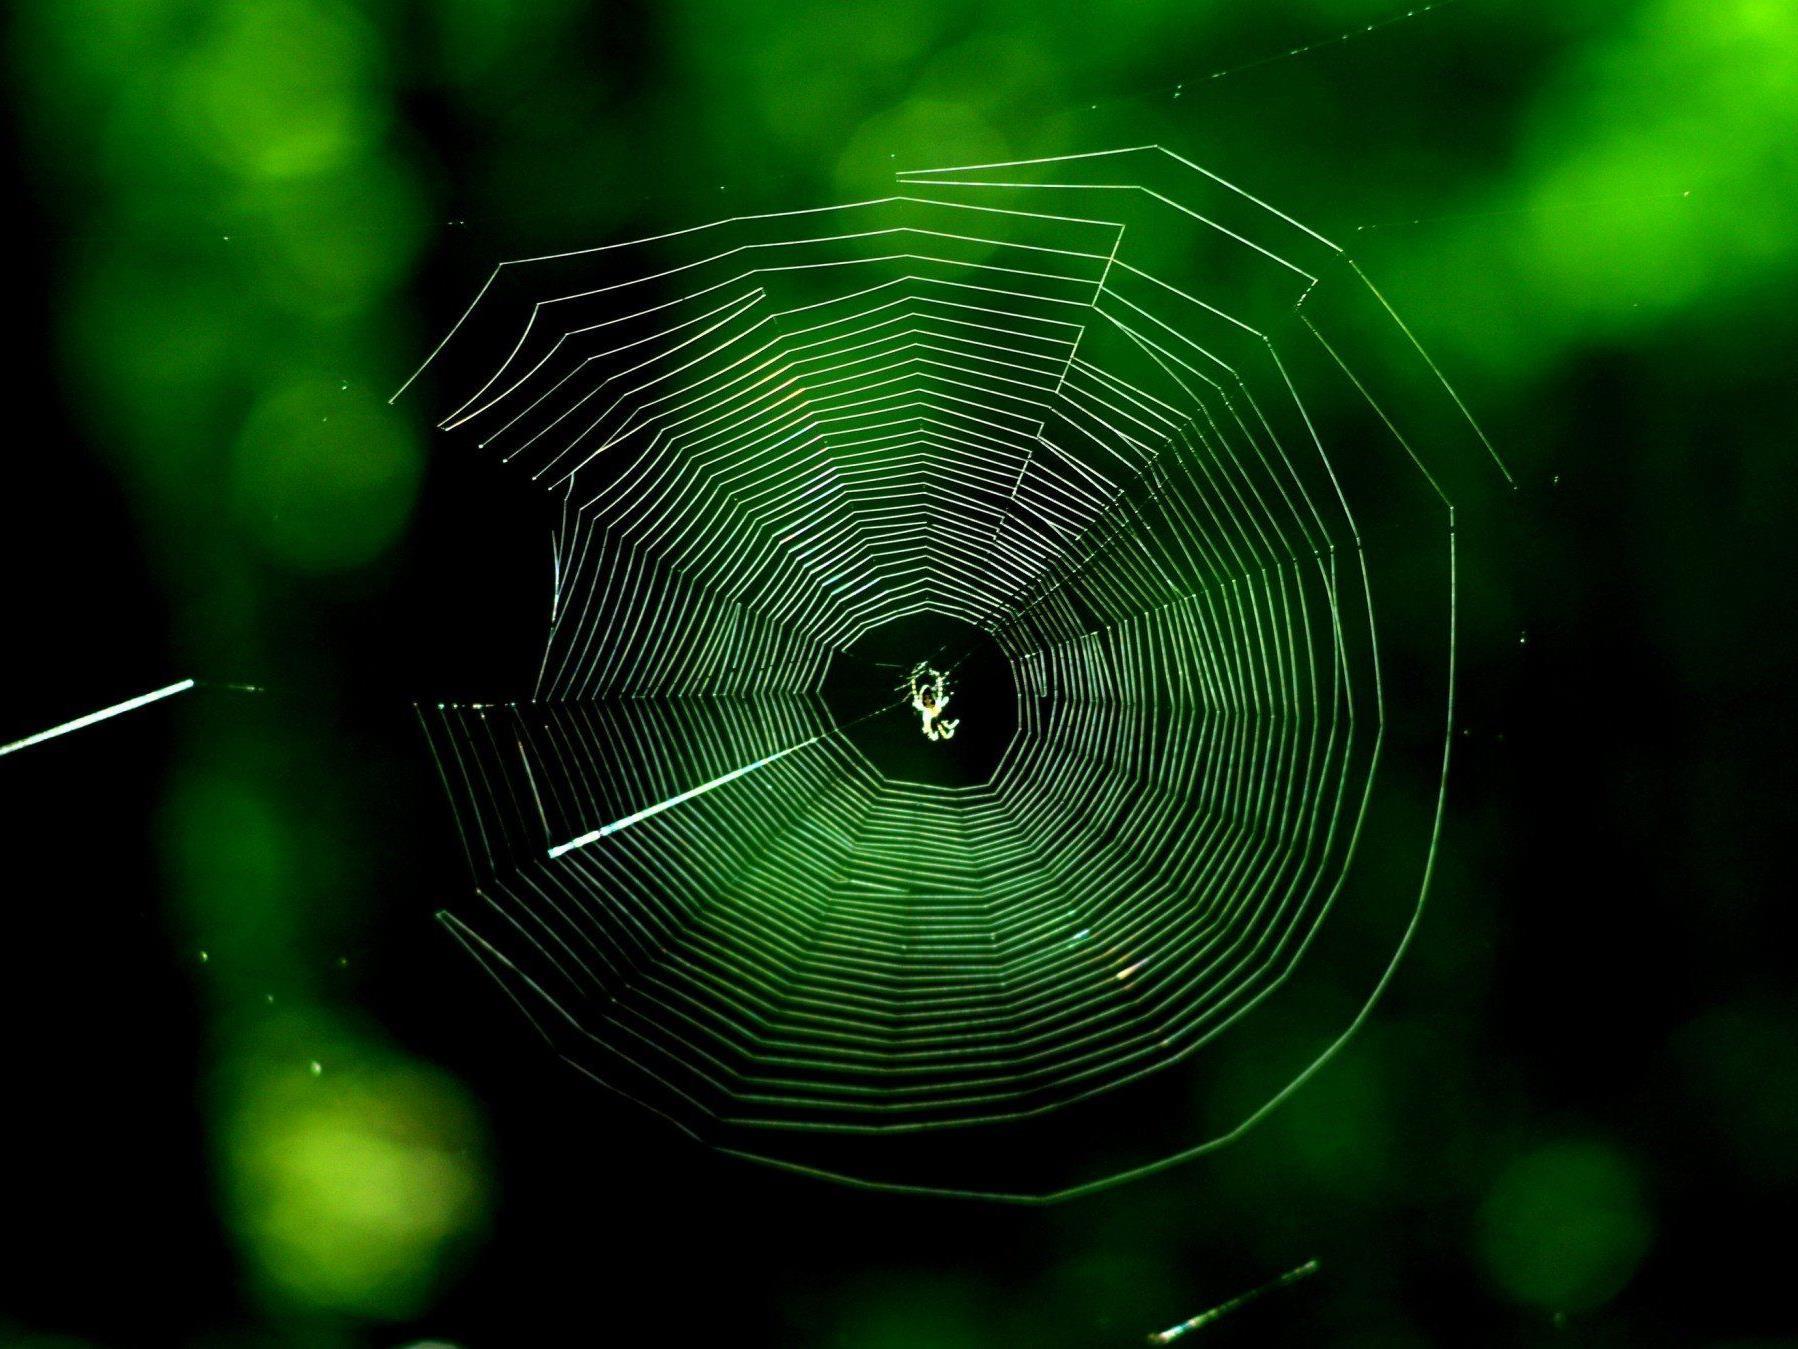 Ob die Spinne den Brand überlebte, blieb unklar.